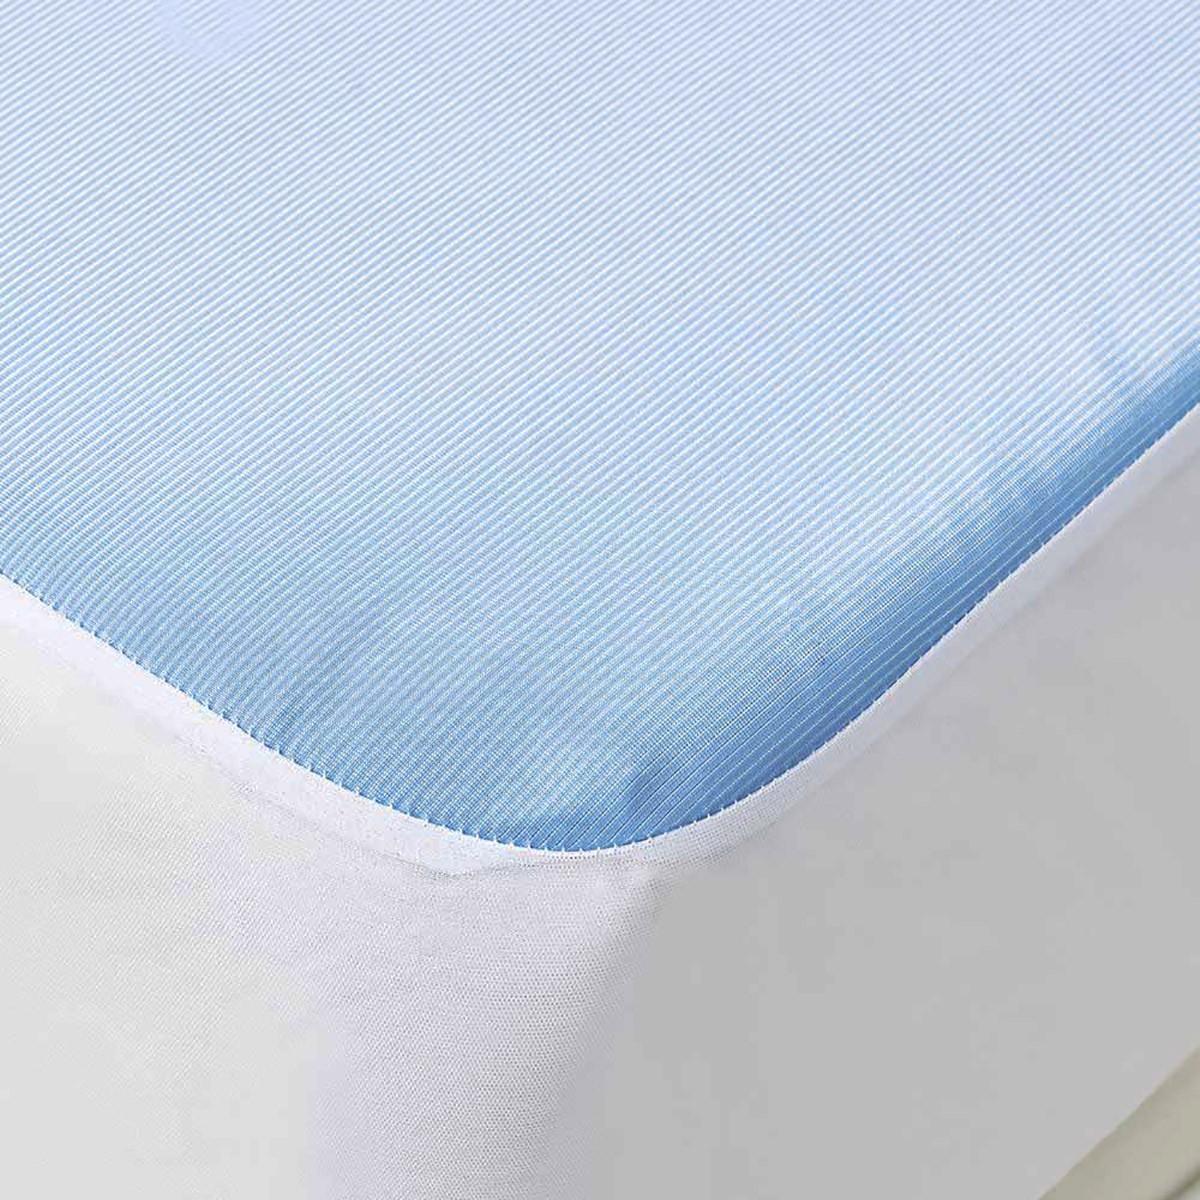 Κάλυμμα Στρώματος Ημίδιπλο Αδιάβροχο Kentia Cool Protector